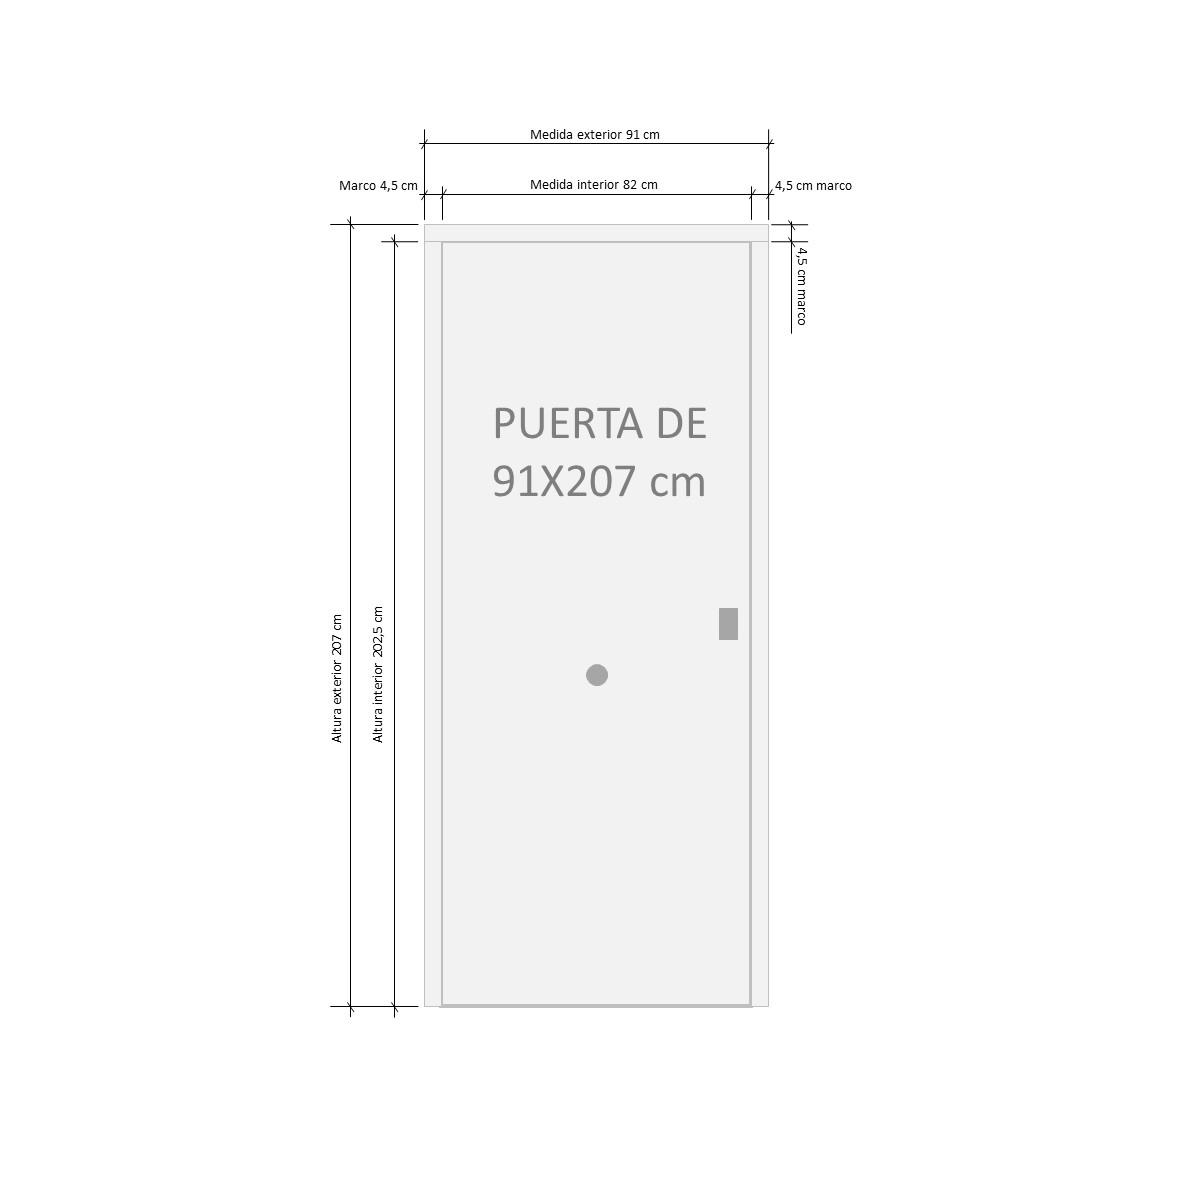 Puerta acorazada Milán 1 Glass - Esquema de medidas